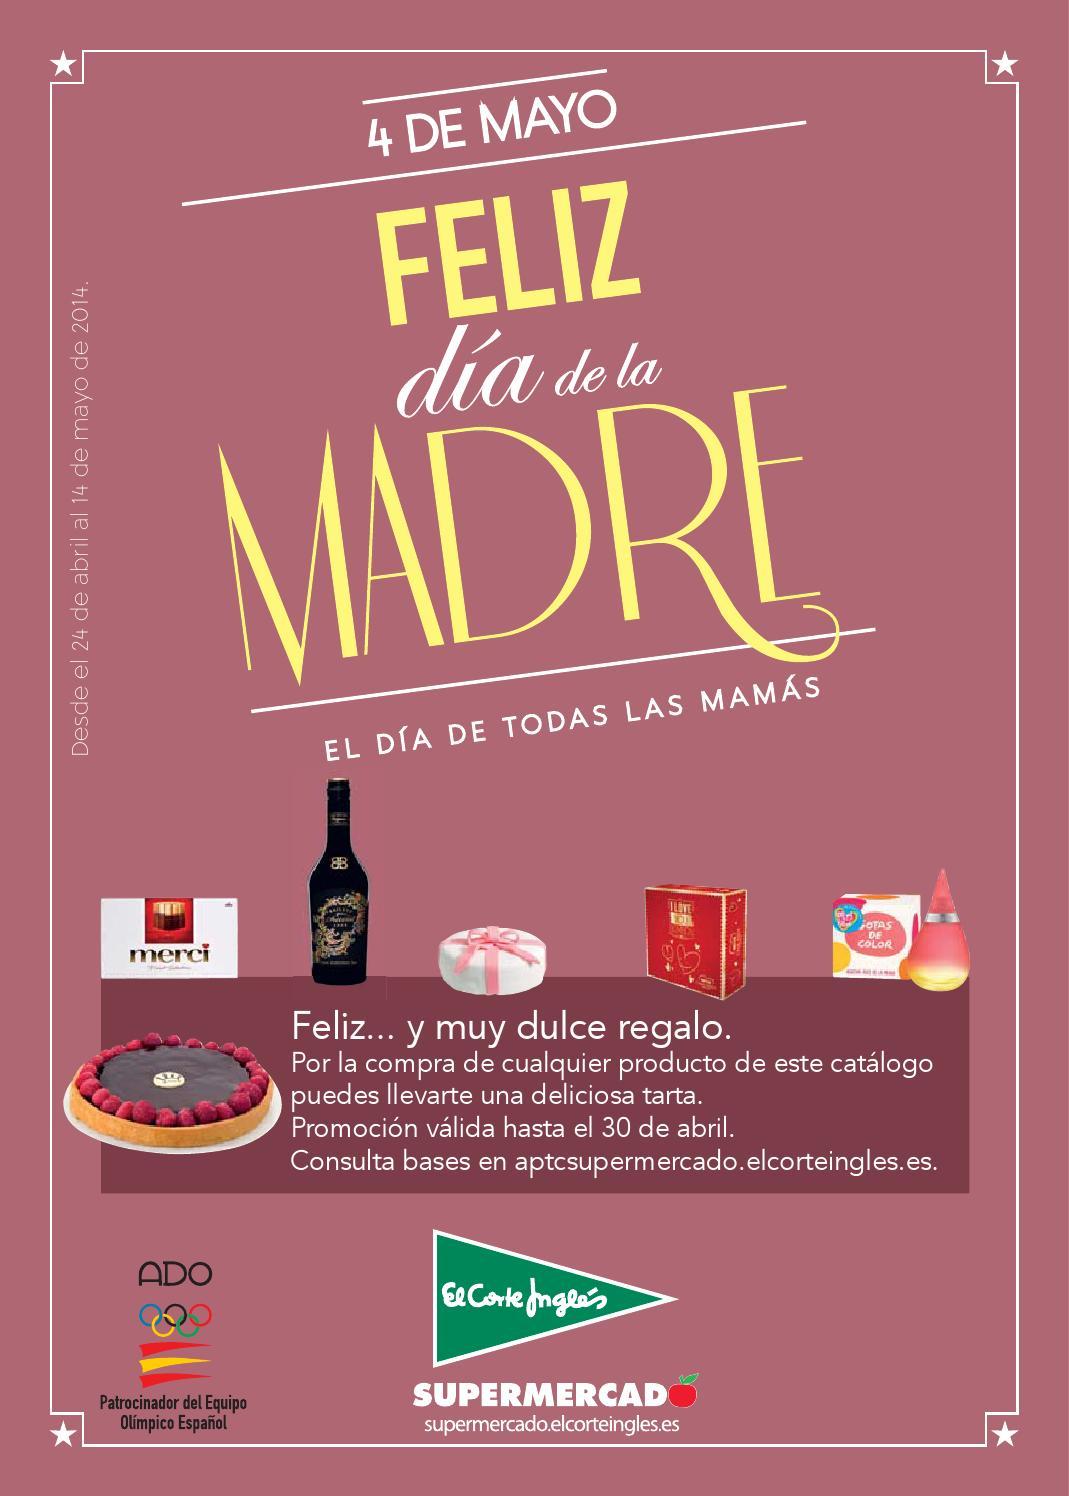 El Corte Inglés Feliz Día De La Madre El Día De Todas Las Mamás 2 By André Gonçalves Issuu